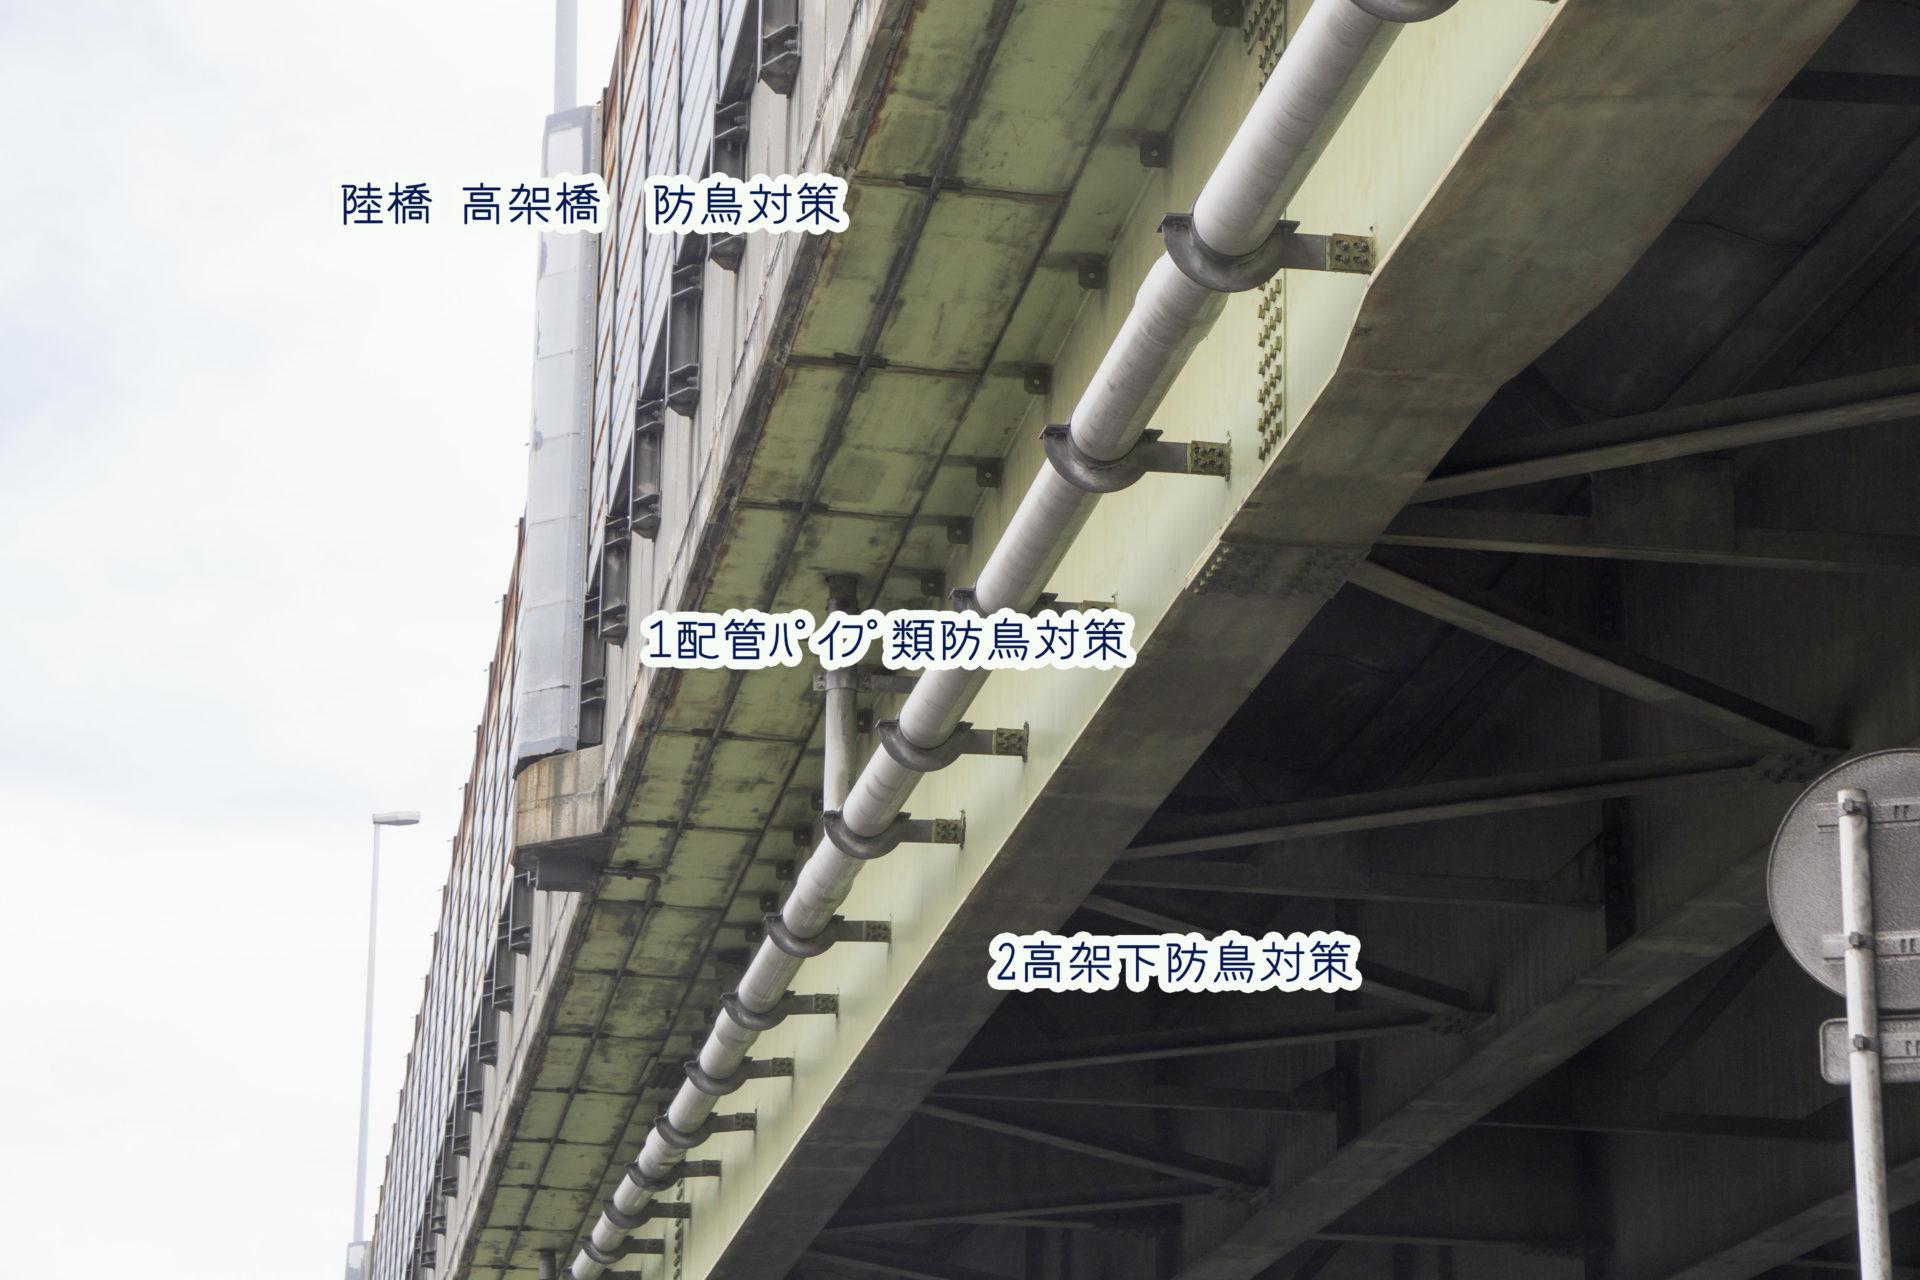 陸橋高架橋 イメージ